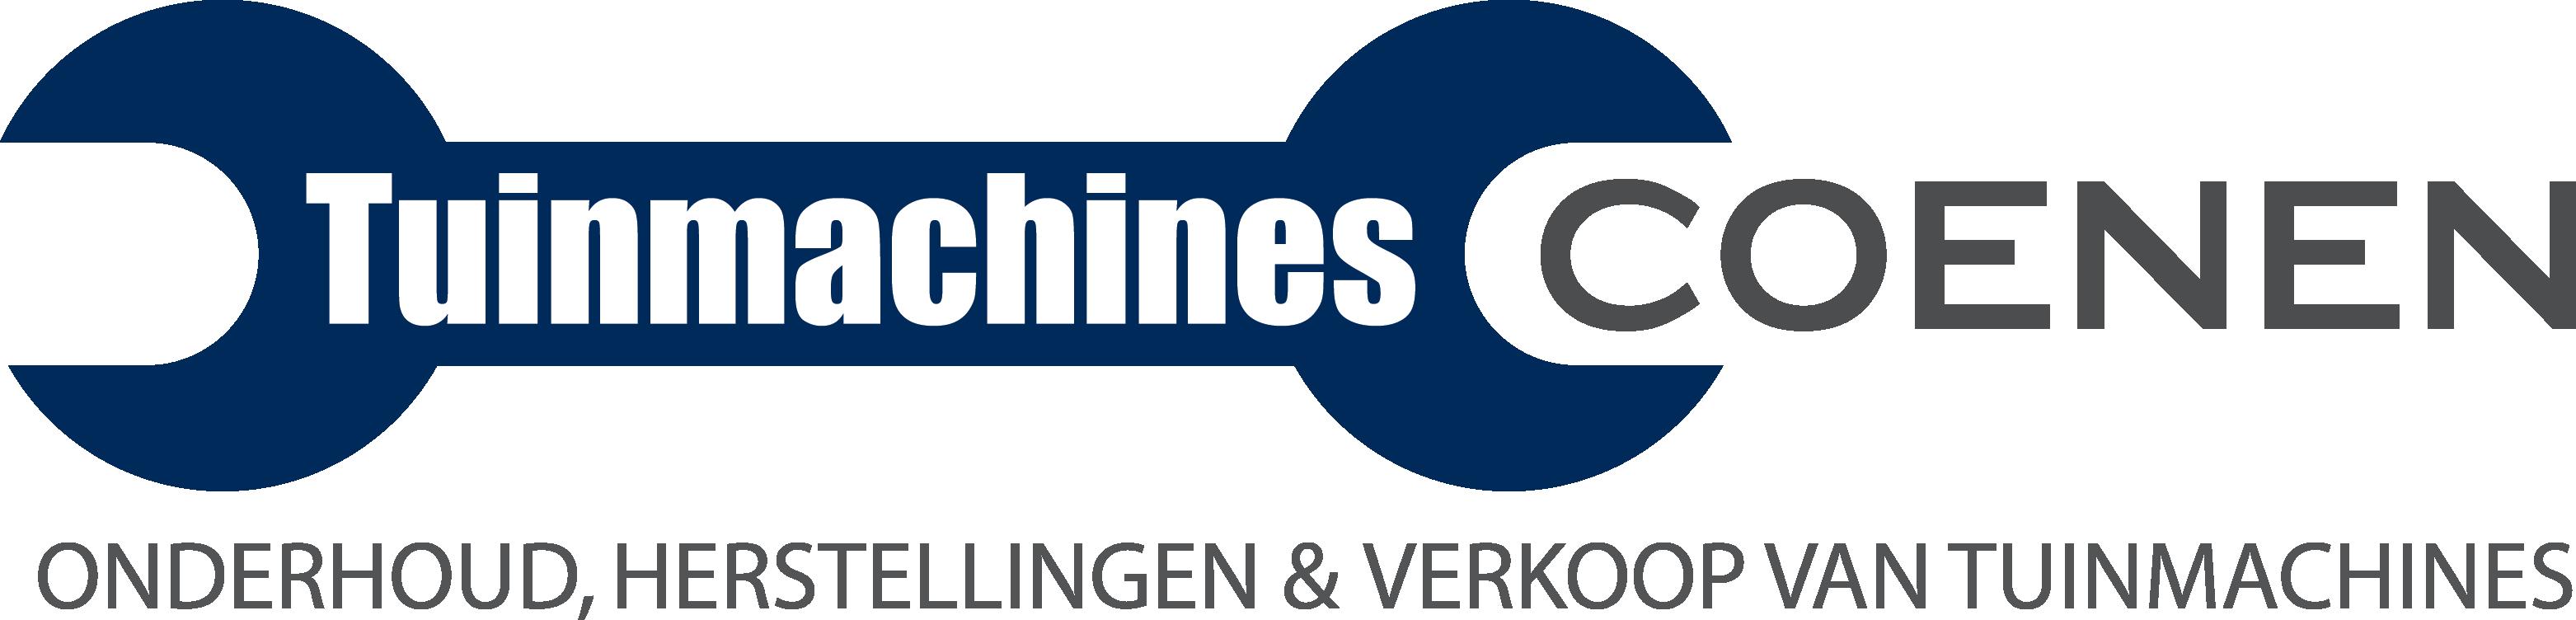 Tuinmachines Coenen